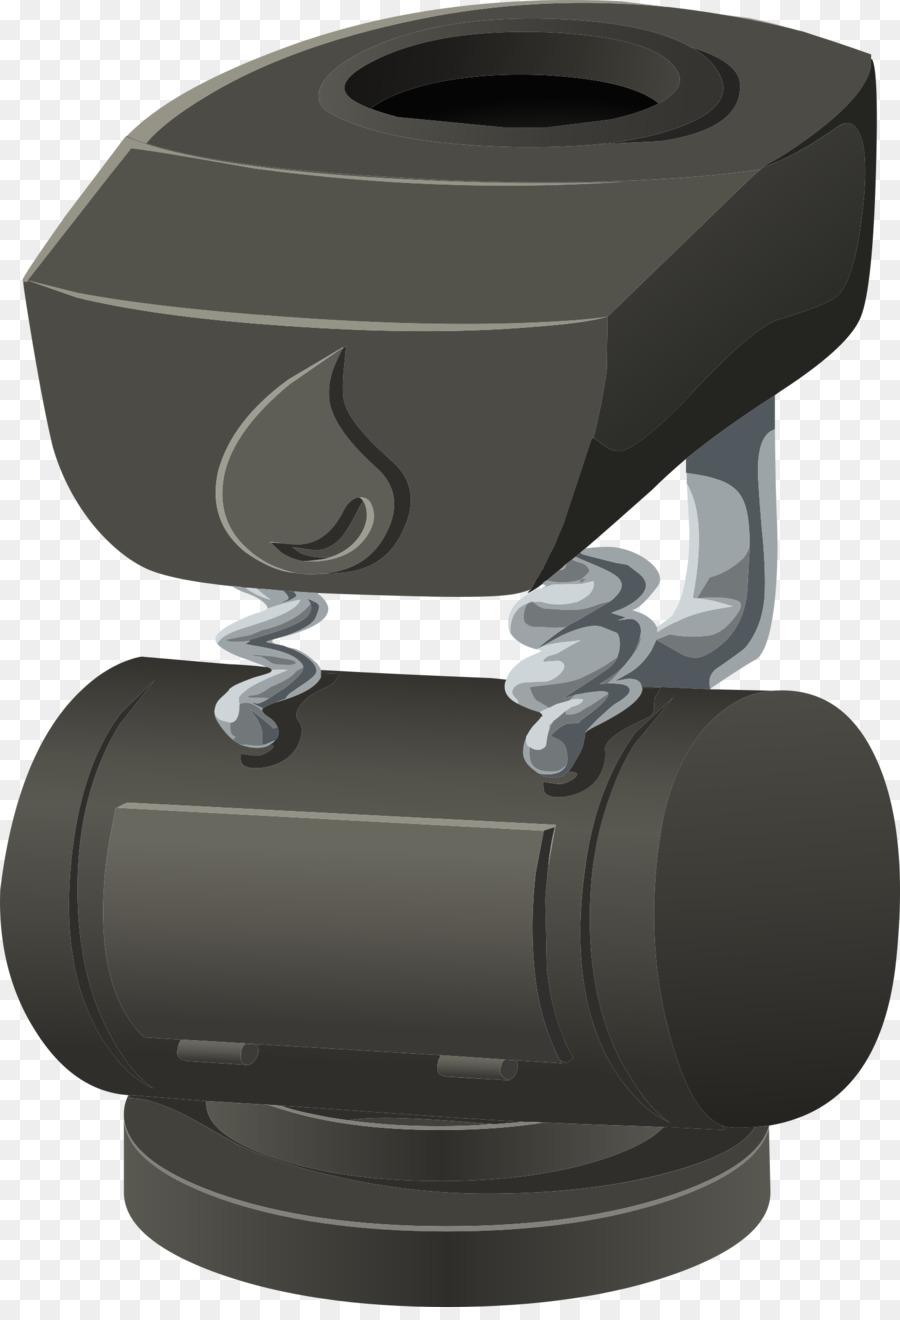 Fuel clipart Fuel Clip art